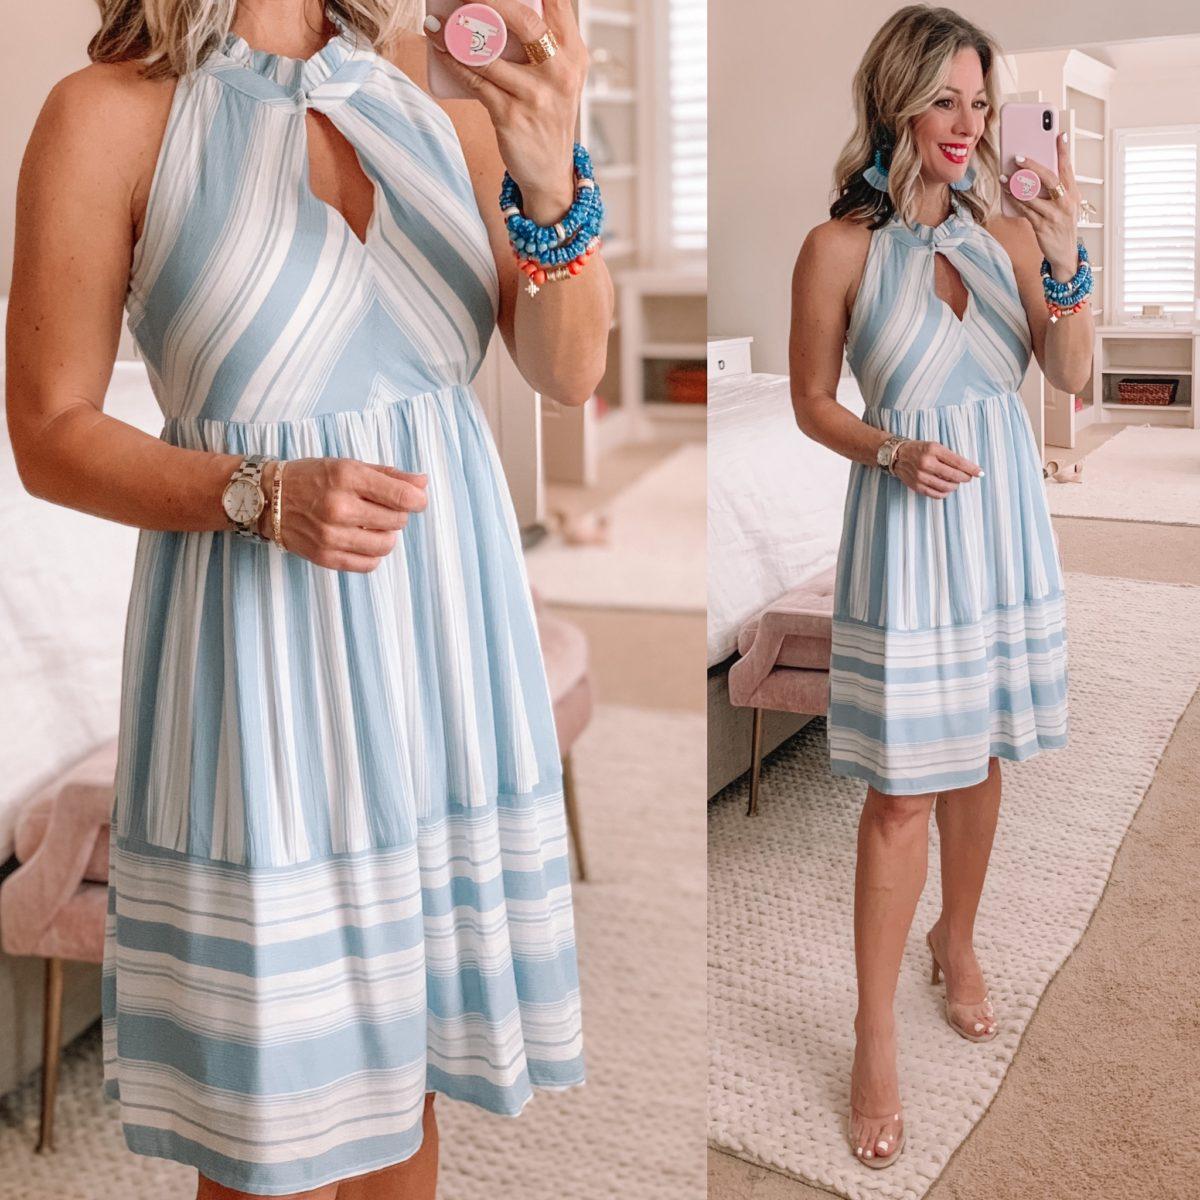 Striped Midi Dress, Clear Heels